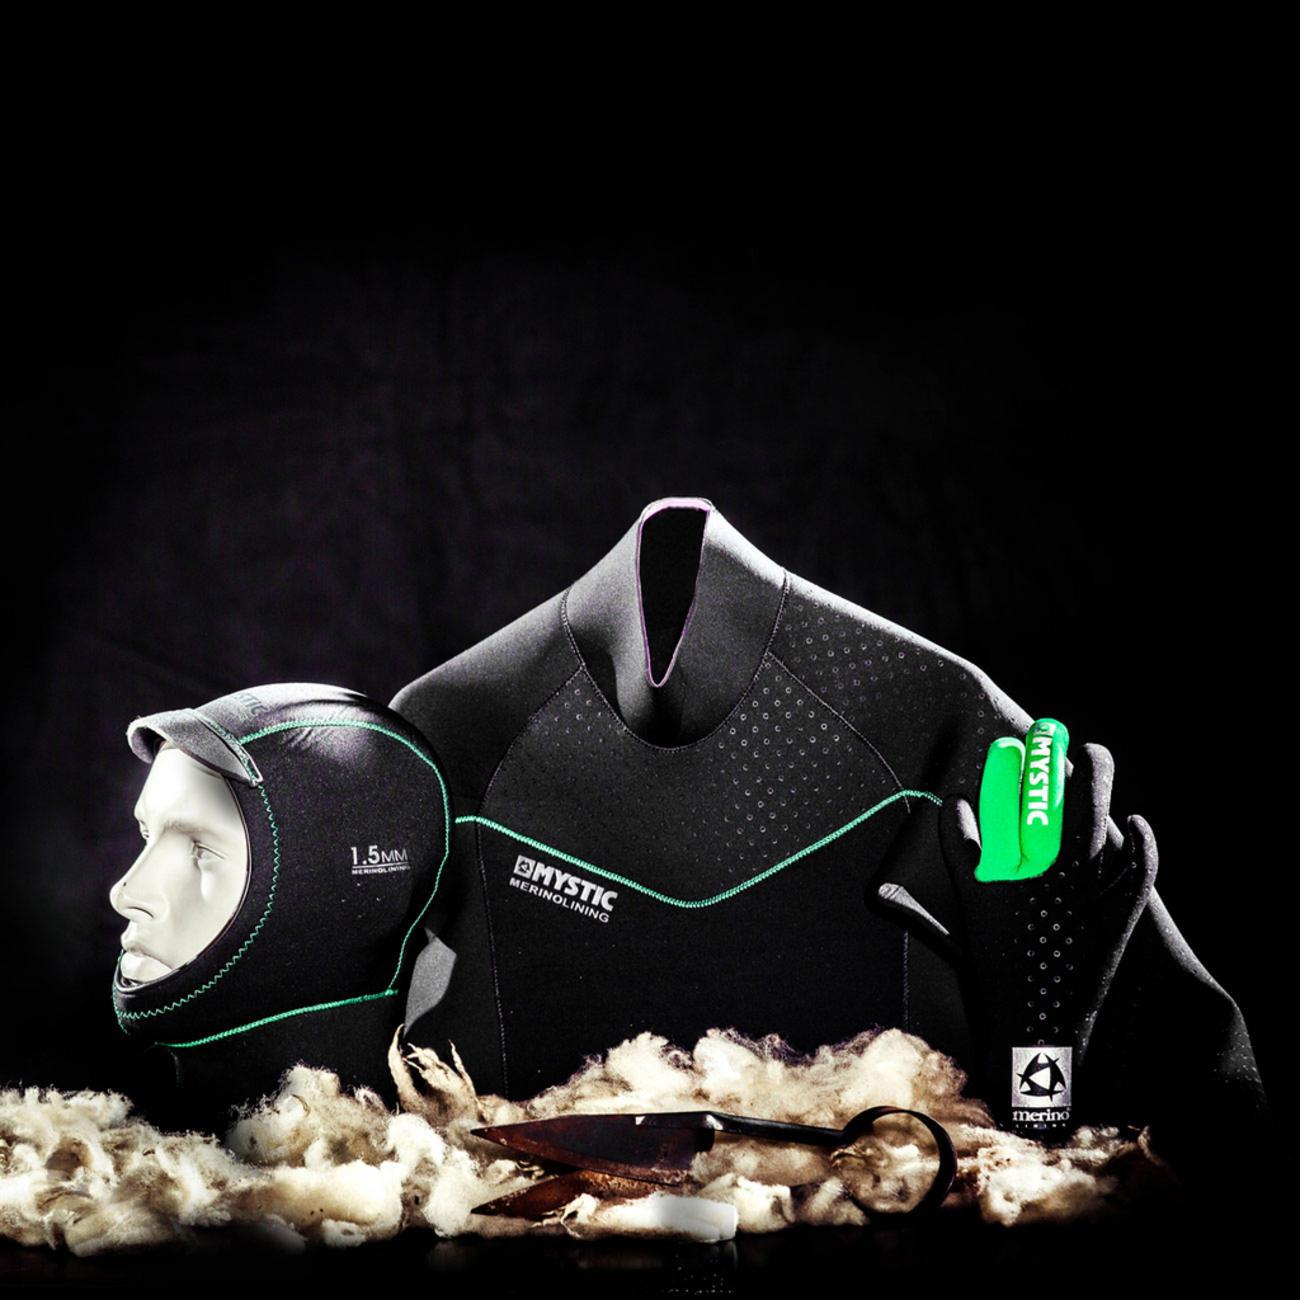 Merino Glove (1,5mm) ネオプレングローブ フルフィンガー